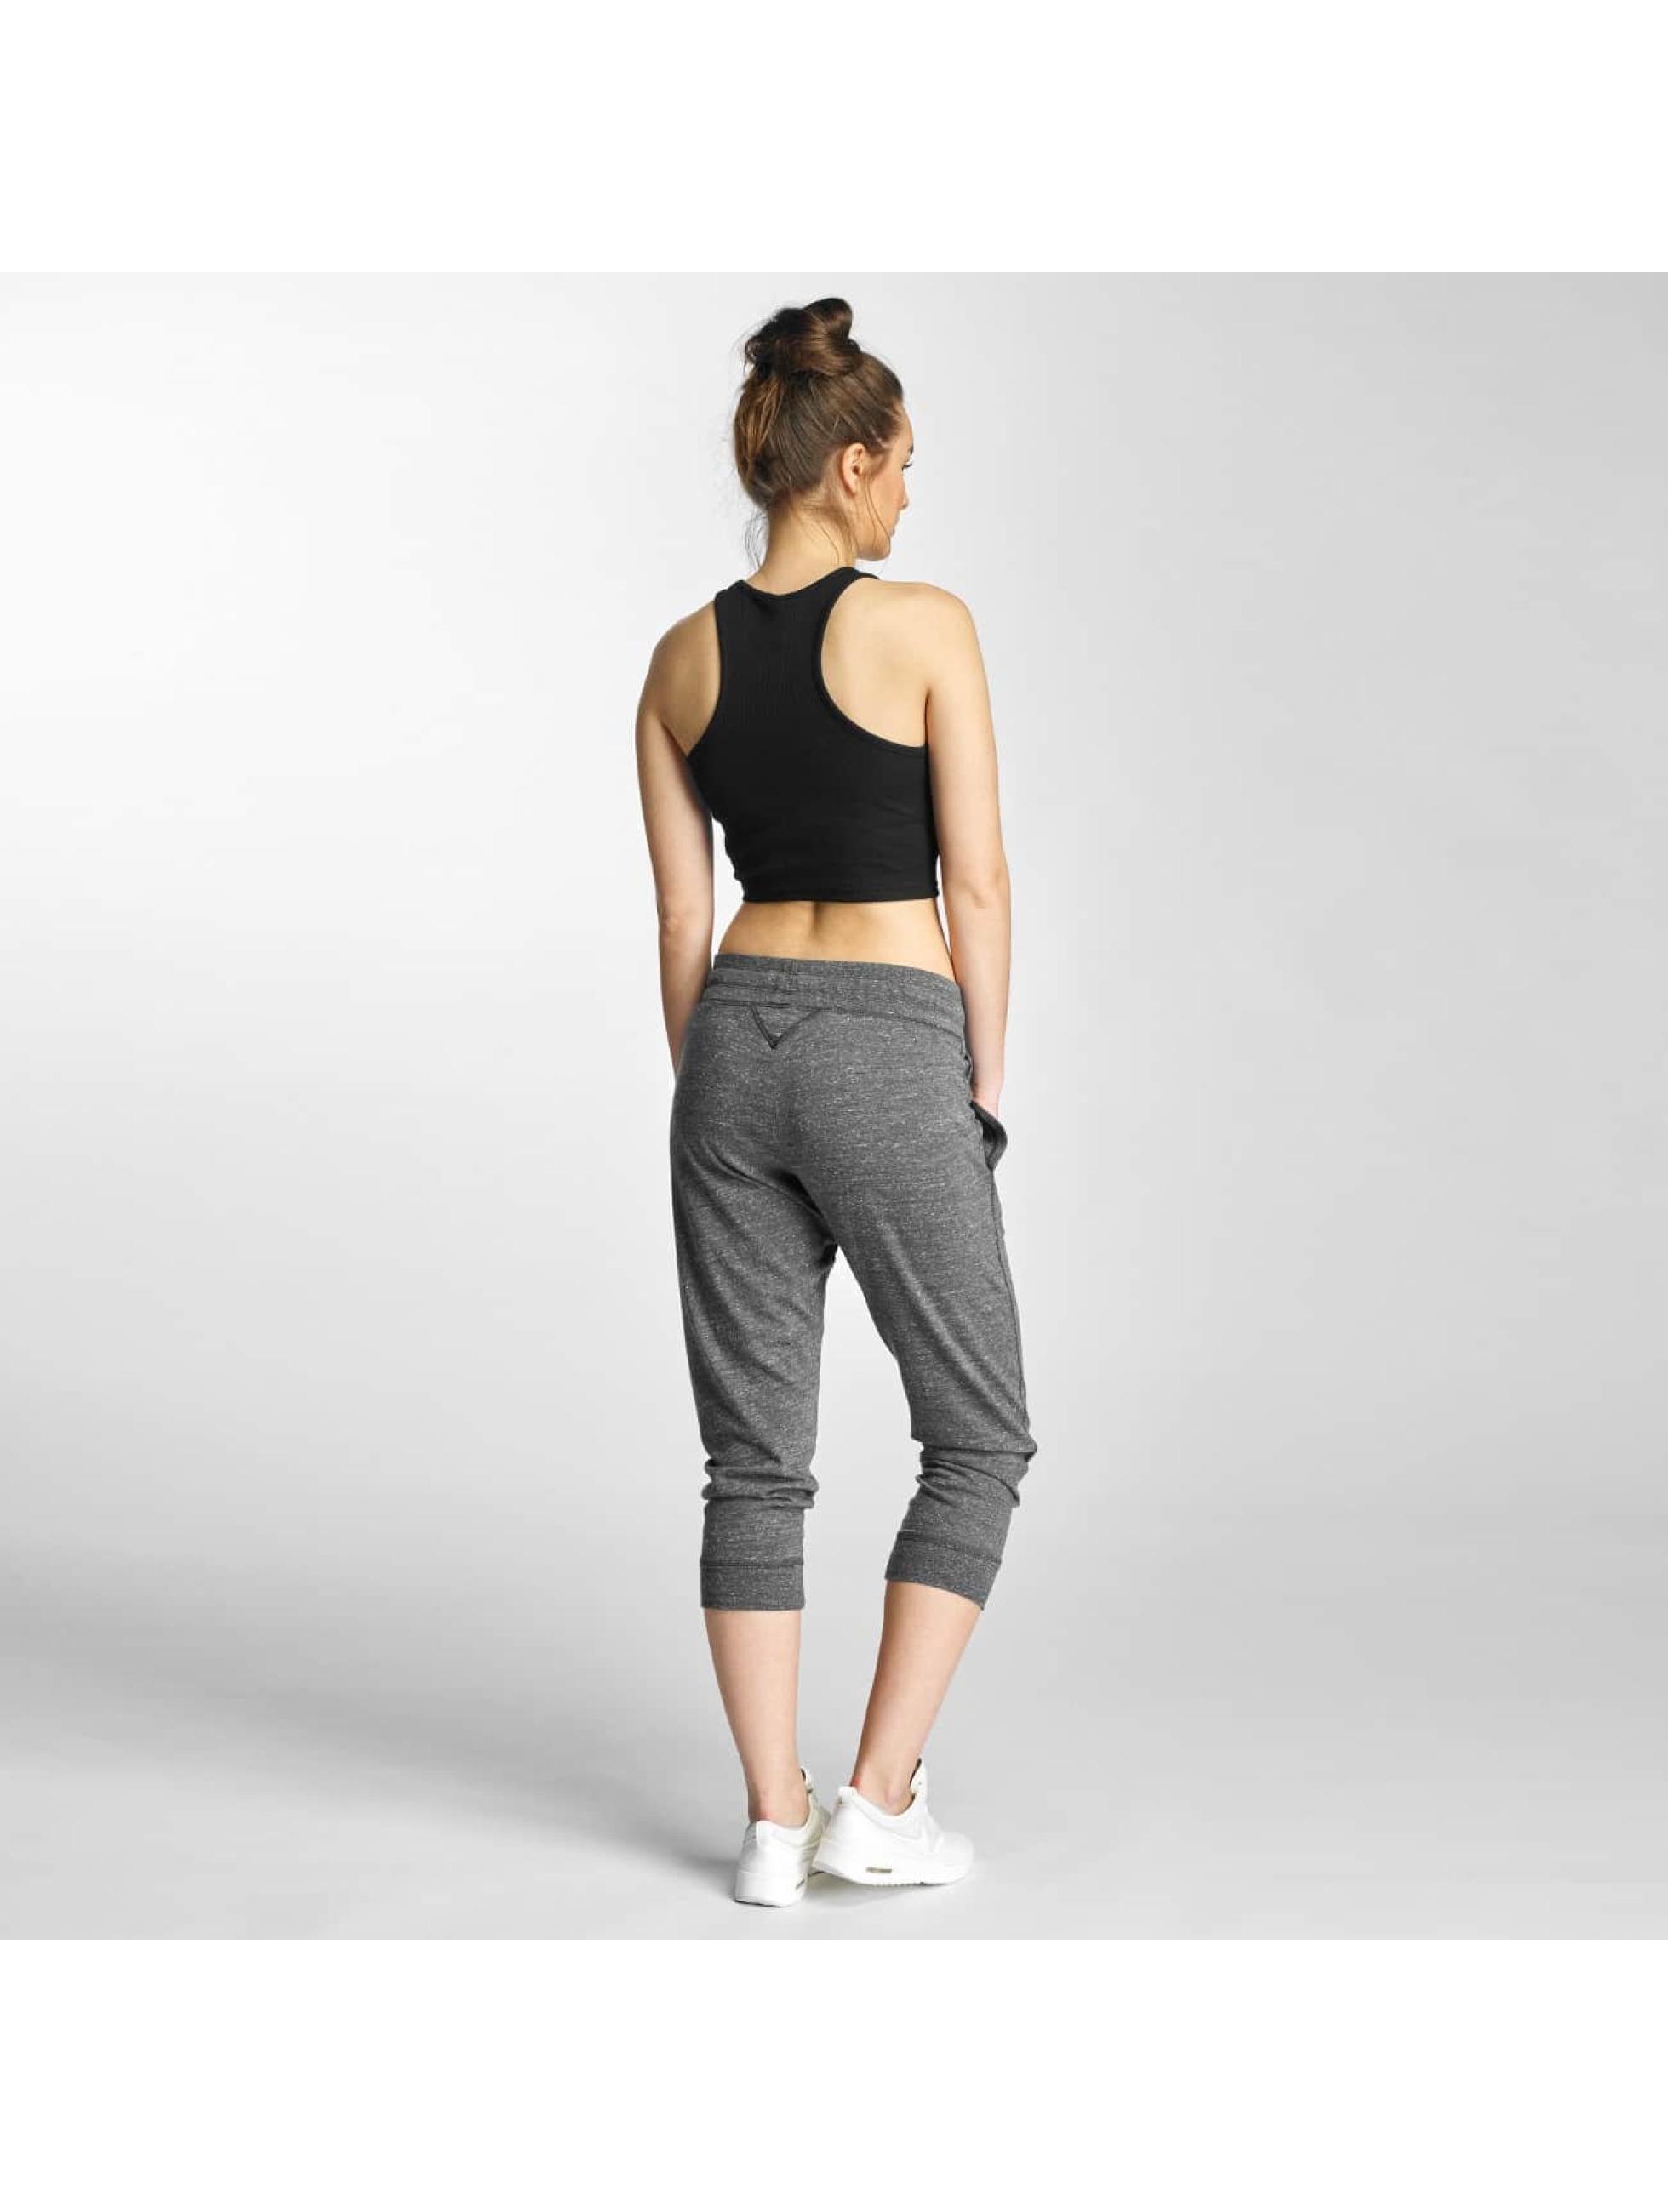 Nike tepláky Gym Vintage šedá